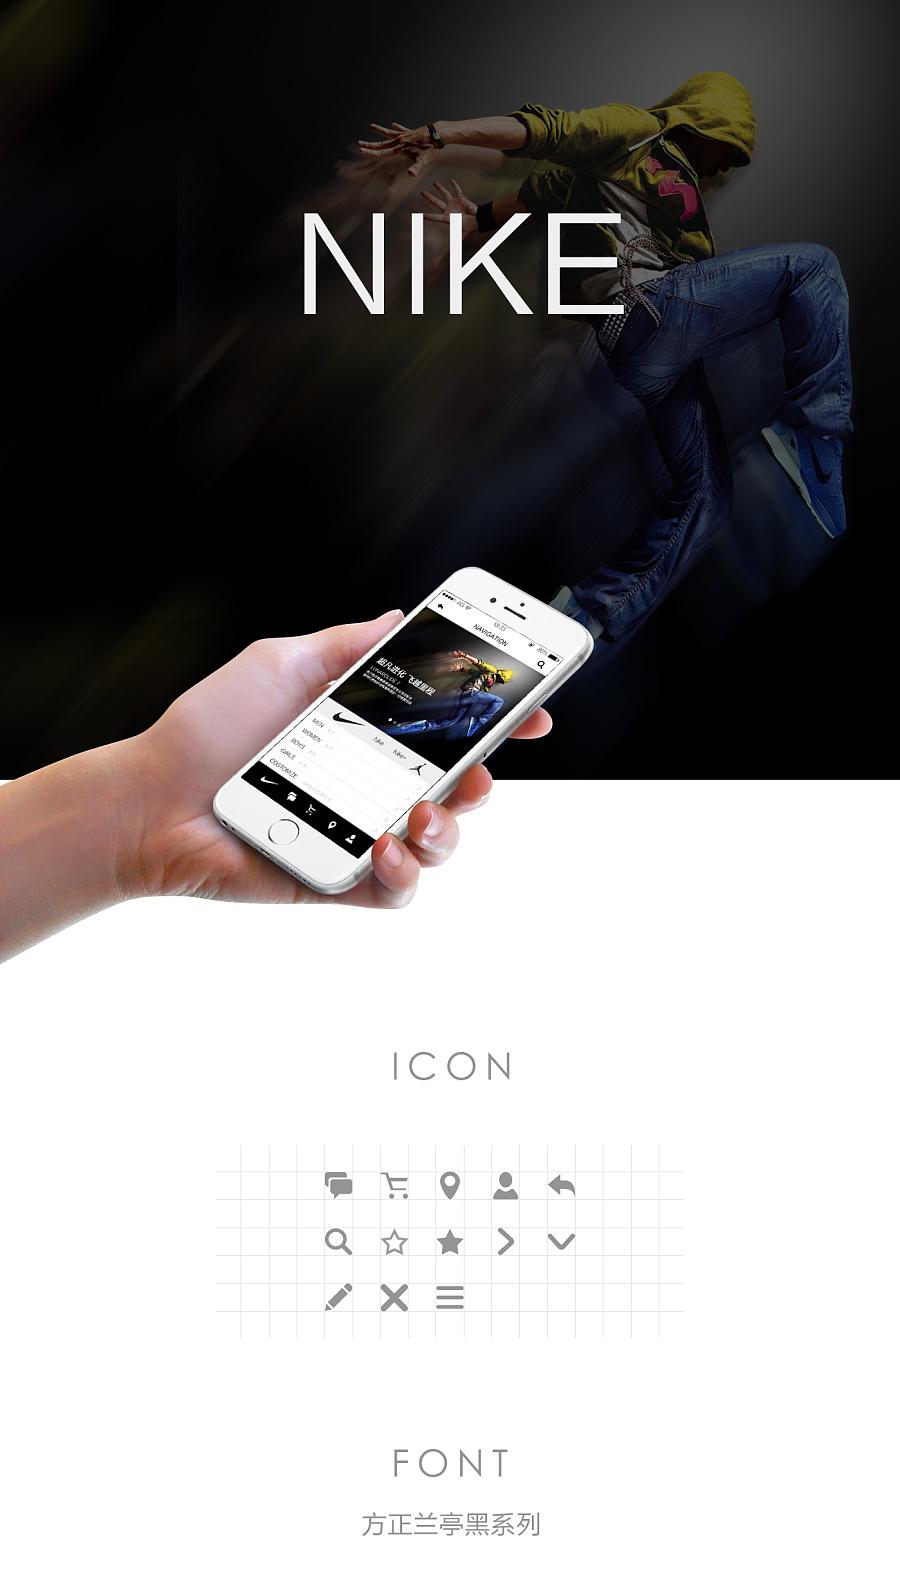 鞋子 网页设计 子页面 首页宝贝详情页面海报设计/网页专题/活动/促销/海淘/banner